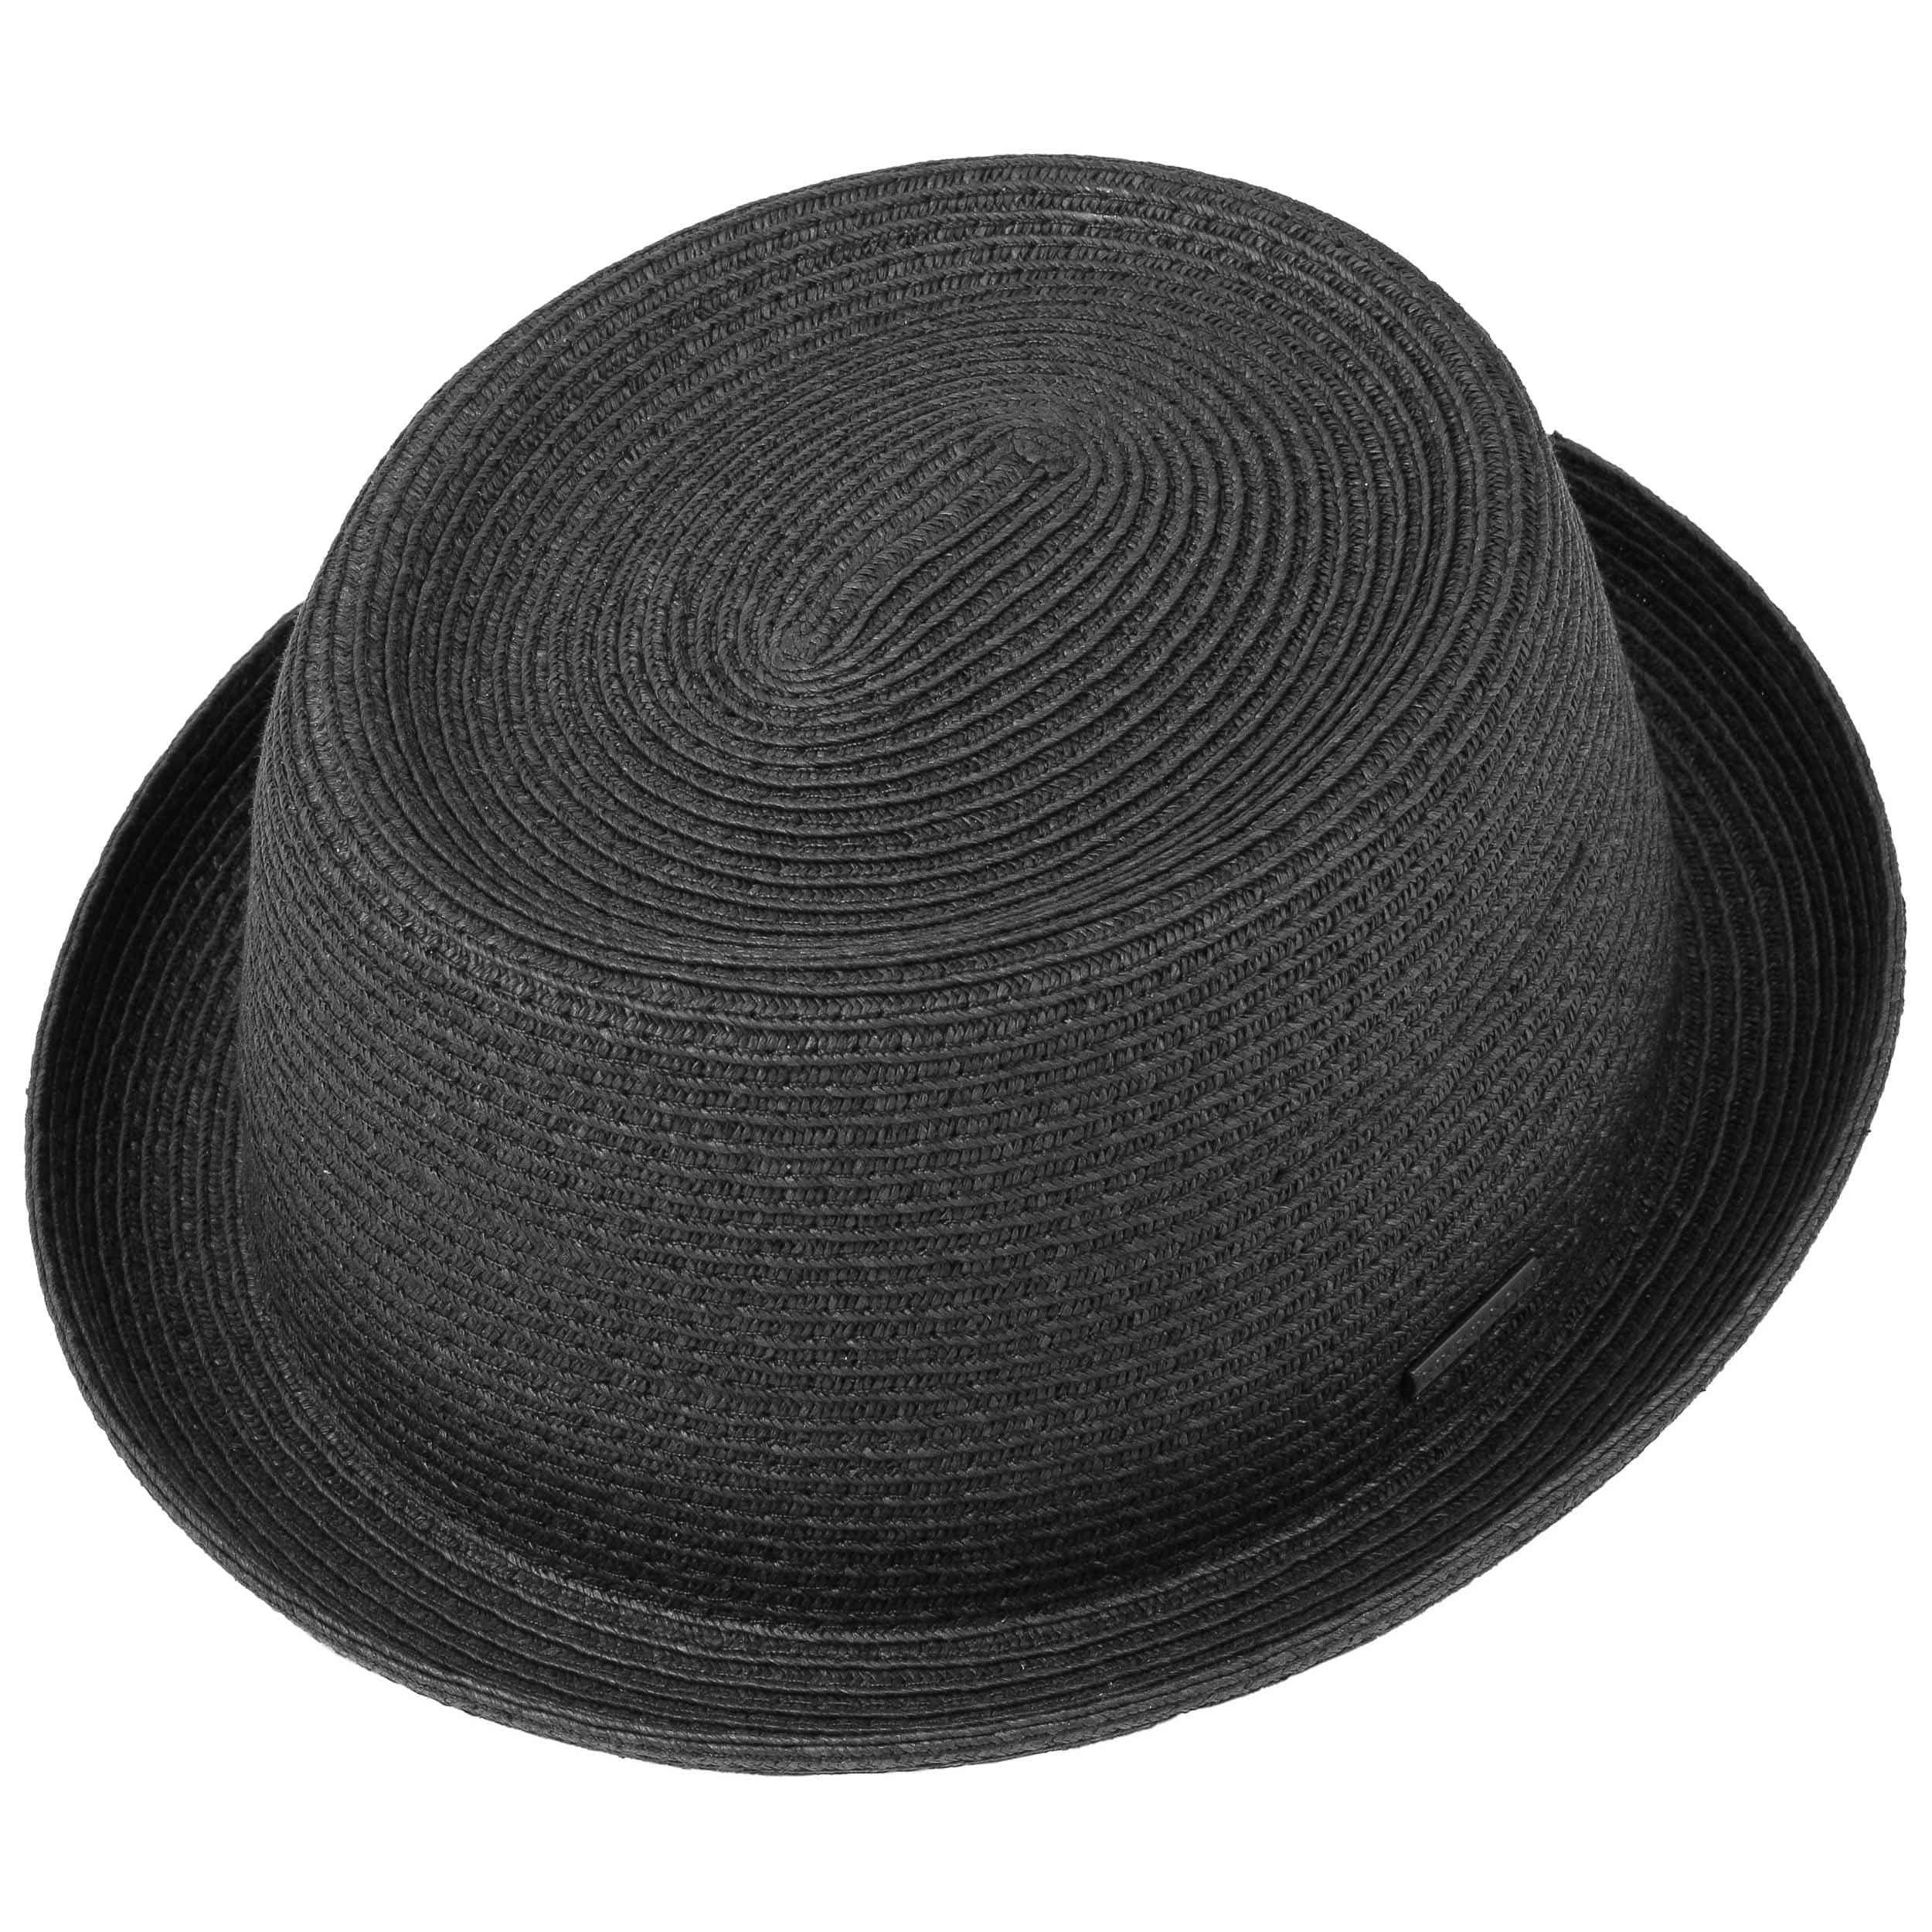 Dawson Black Pork Pie Straw Hat black